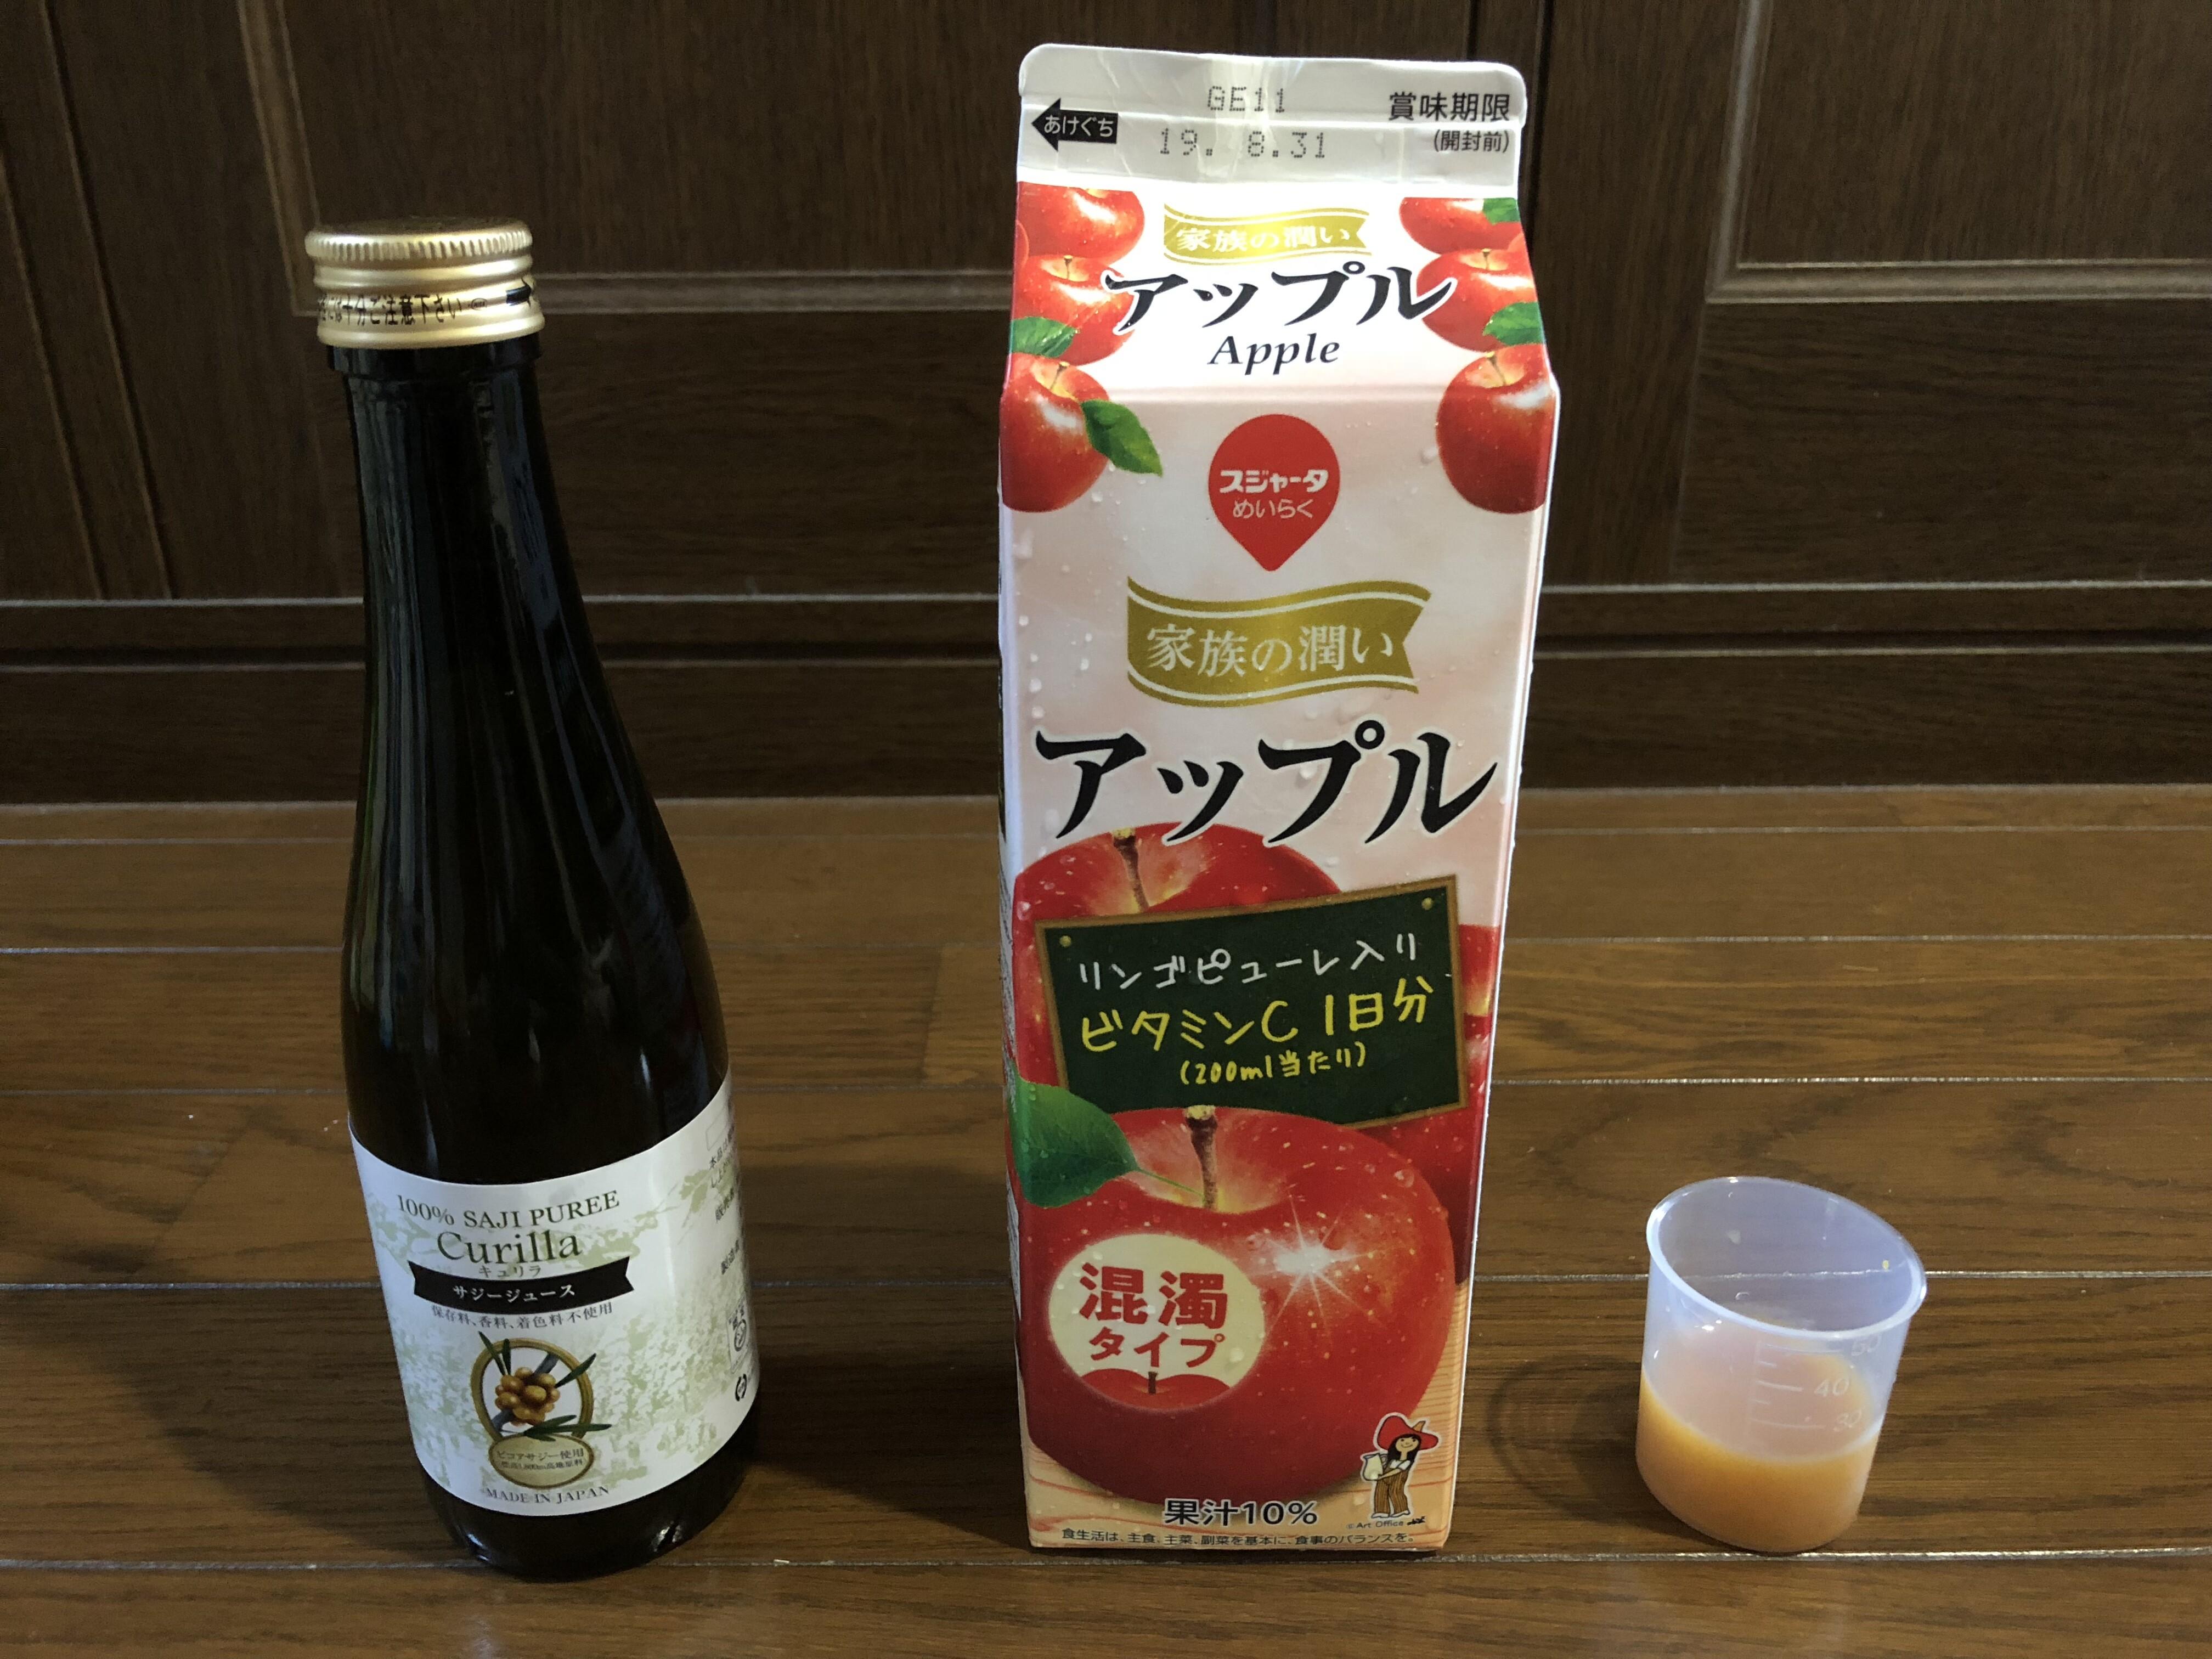 サジー 飲み 方 サジー(黄酸汁)通販のフィネス|黄酸汁のおいしい飲み方